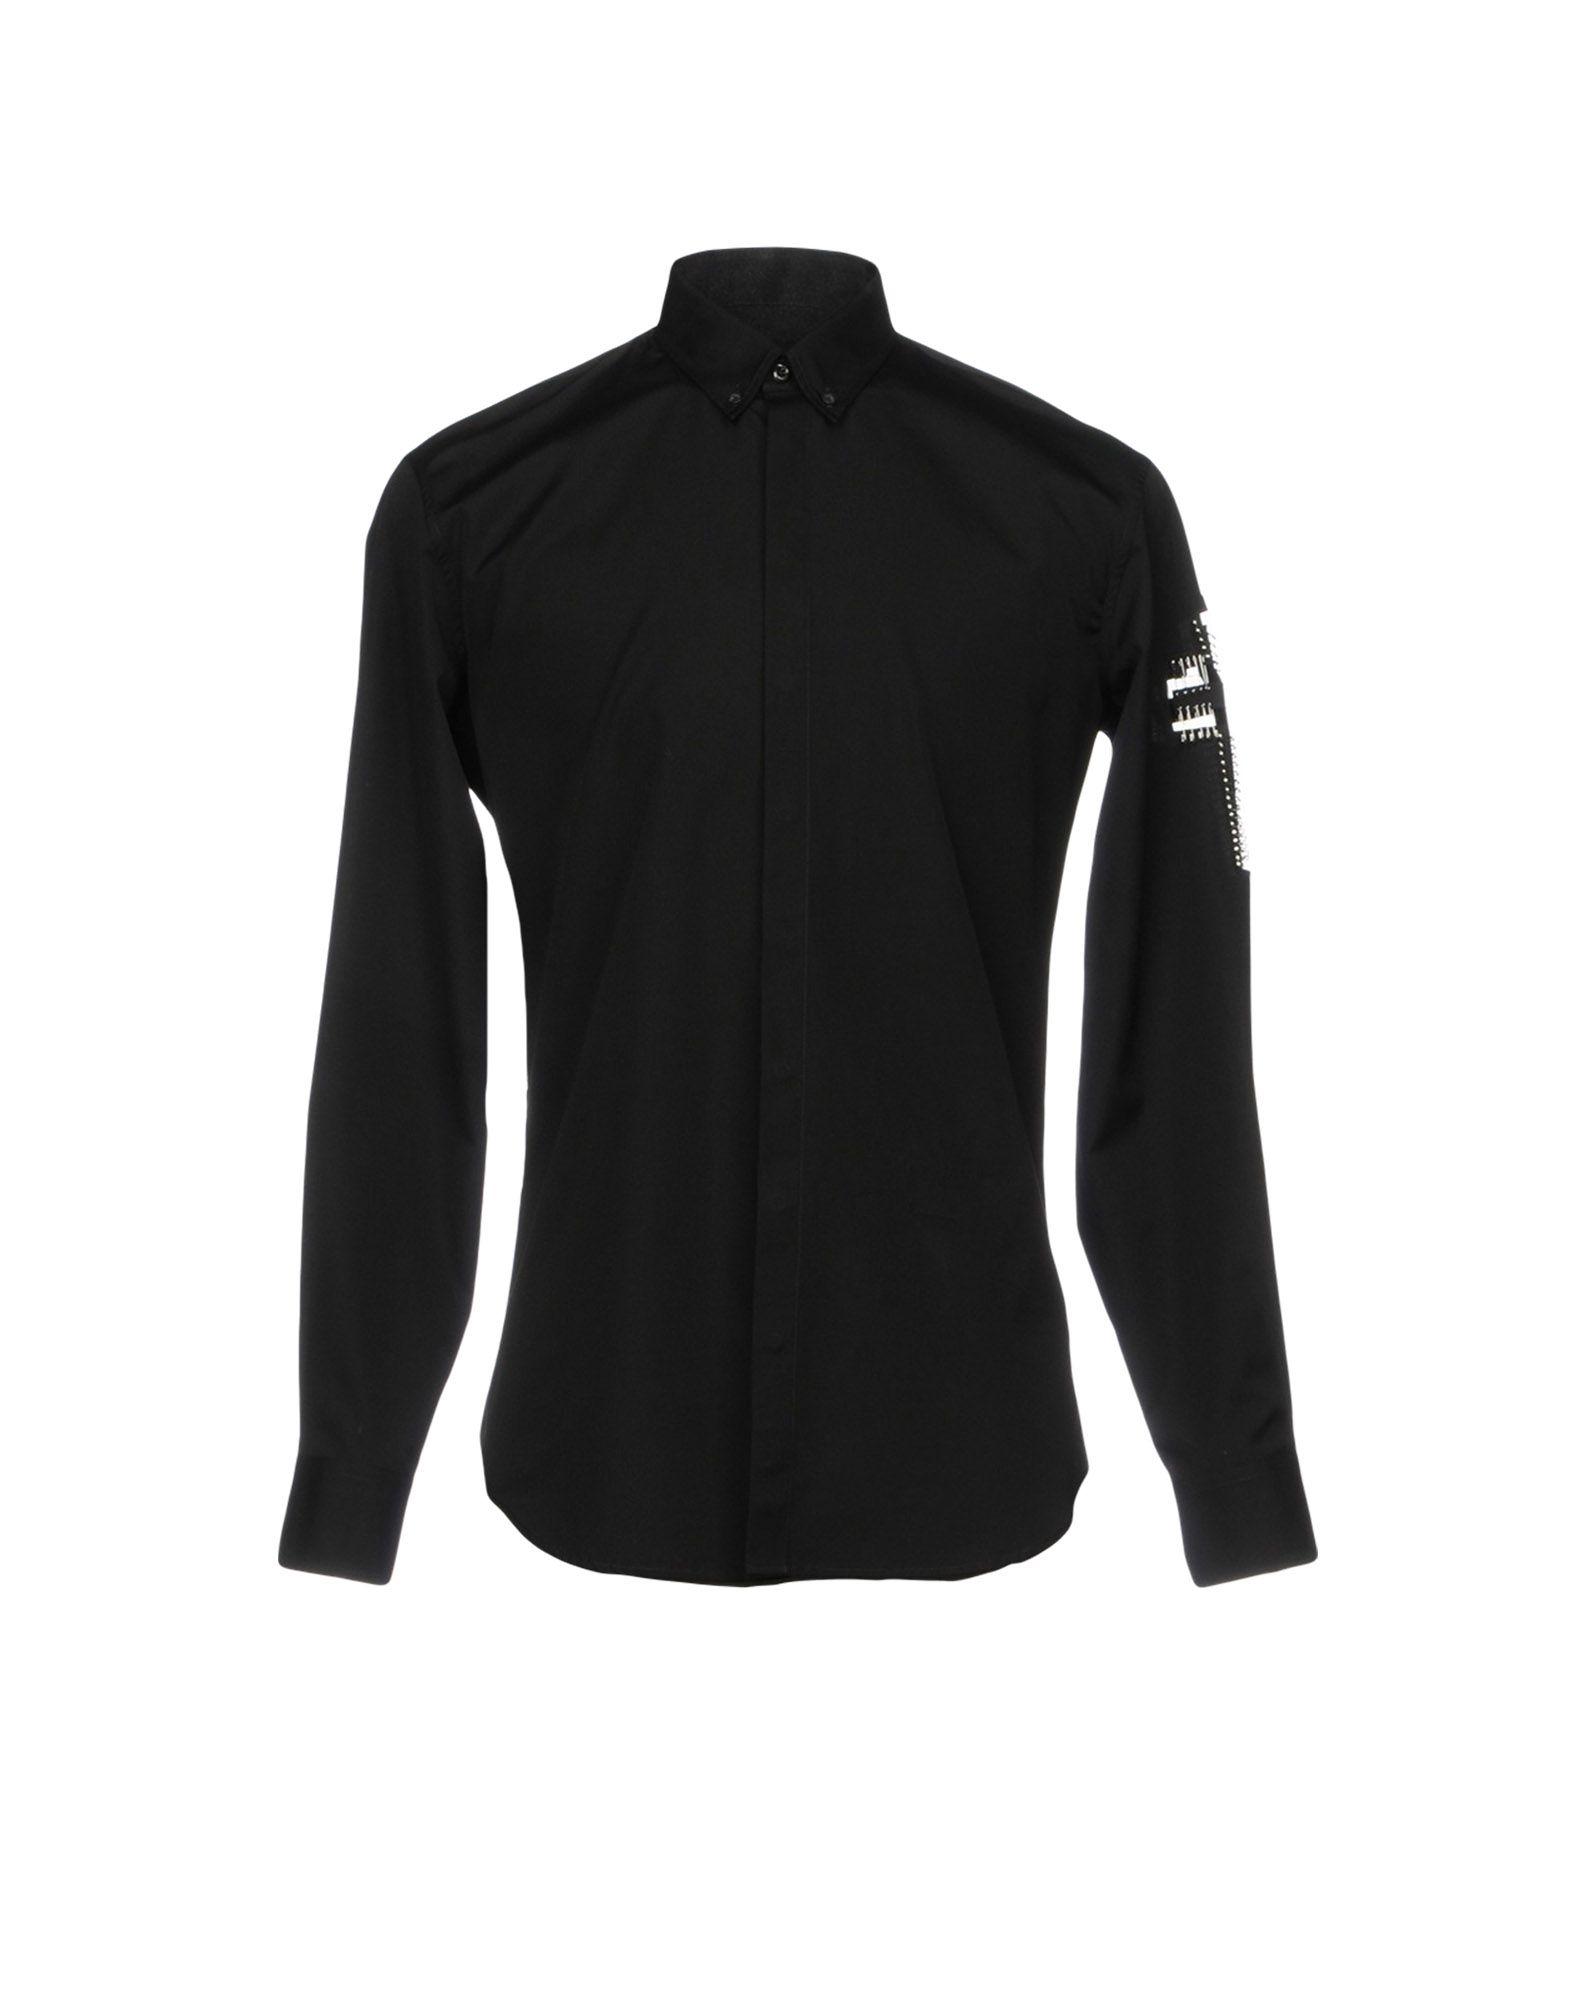 DSQUARED2 Herren Hemd Farbe Schwarz Größe 5 jetztbilligerkaufen